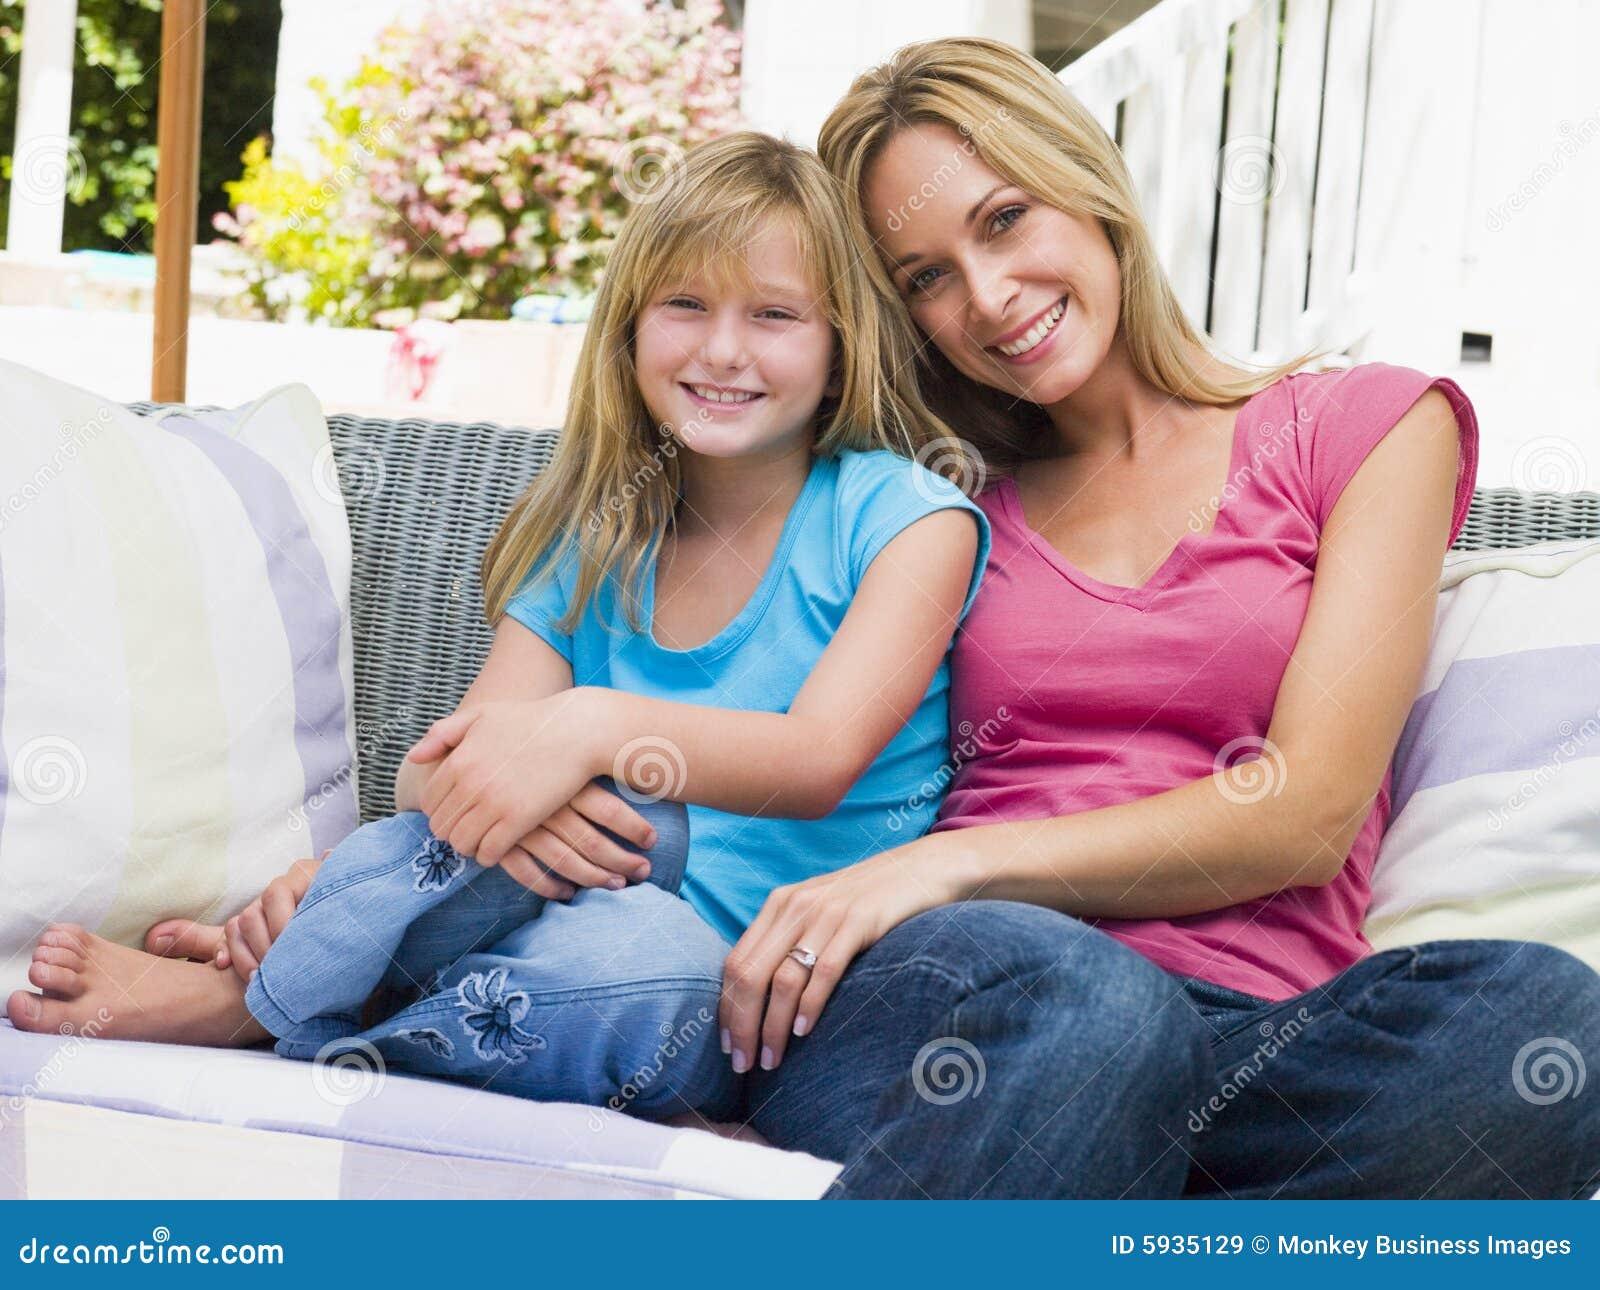 Реальное с дочкой 2 фотография